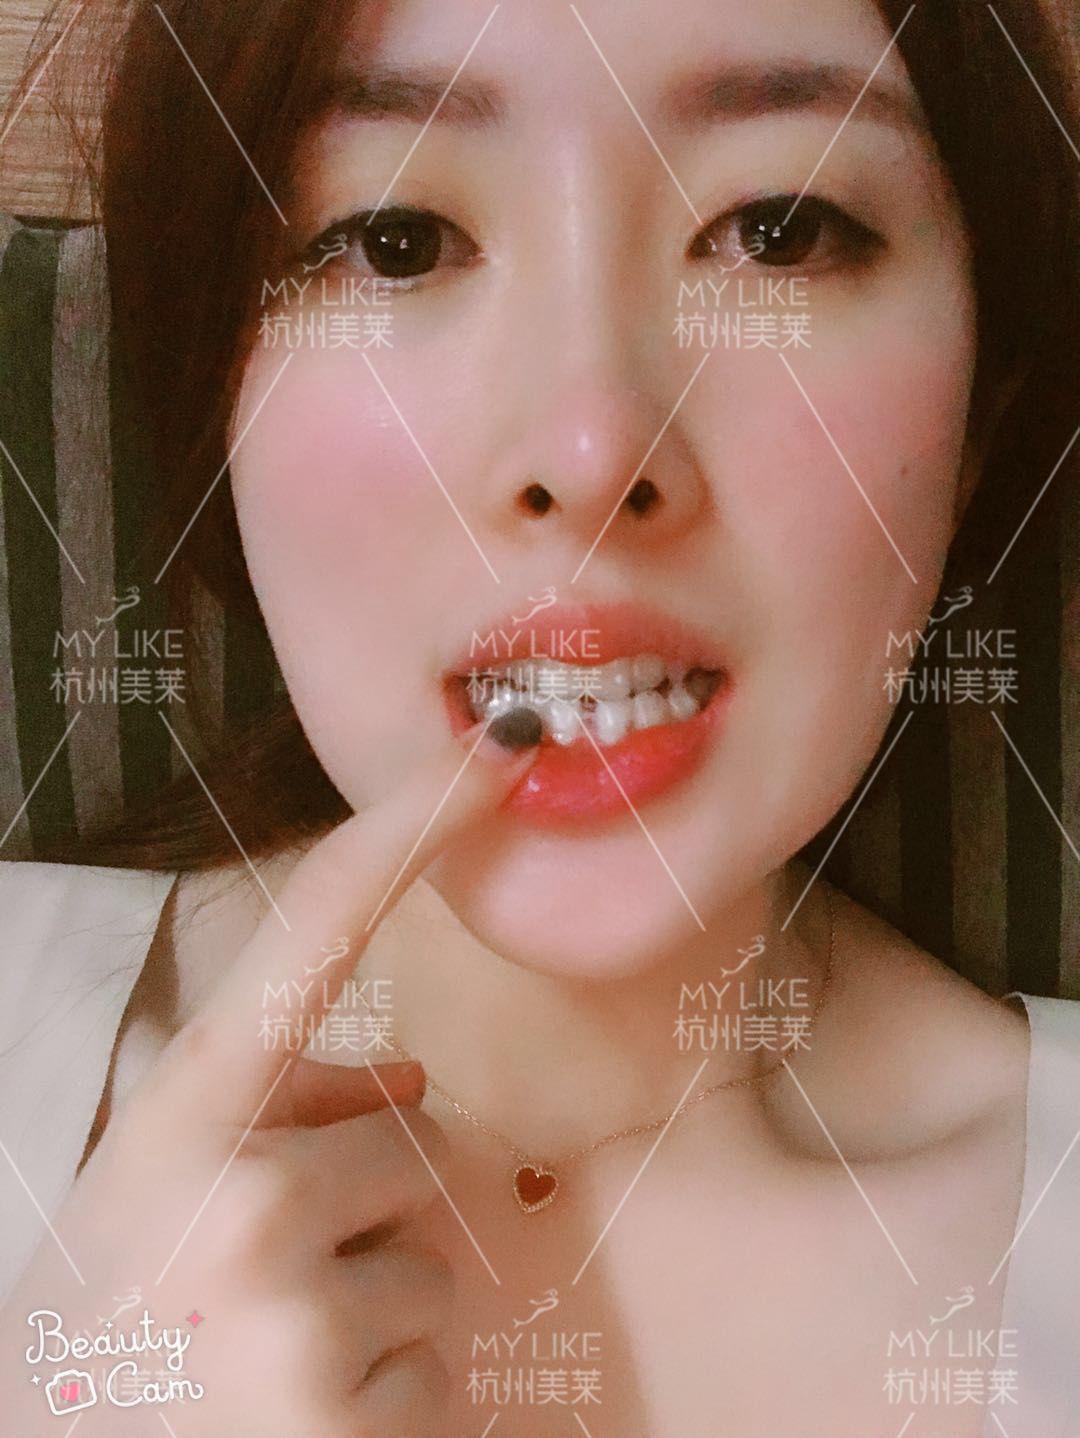 带我妈去看牙了,医生说我妈的牙齿状况不太好,戴隐形牙套效果可能不大,让她带钢牙,金属钢牙的矫正效果比隐形的效果好,但我的工作需要我带隐形的,而且医生说我的牙齿是牙性的并不是骨性的,所以还是比较好矫正的,只是我妈还需要拔两颗牙,听着有点受罪,我就开始劝我妈要不算了?结果她犹豫了一会还是打算做,果然女人爱美,哪怕受罪也愿意,好吧!既然她愿意那就做吧!我们娘两个一起带,到时候一起美美哒!